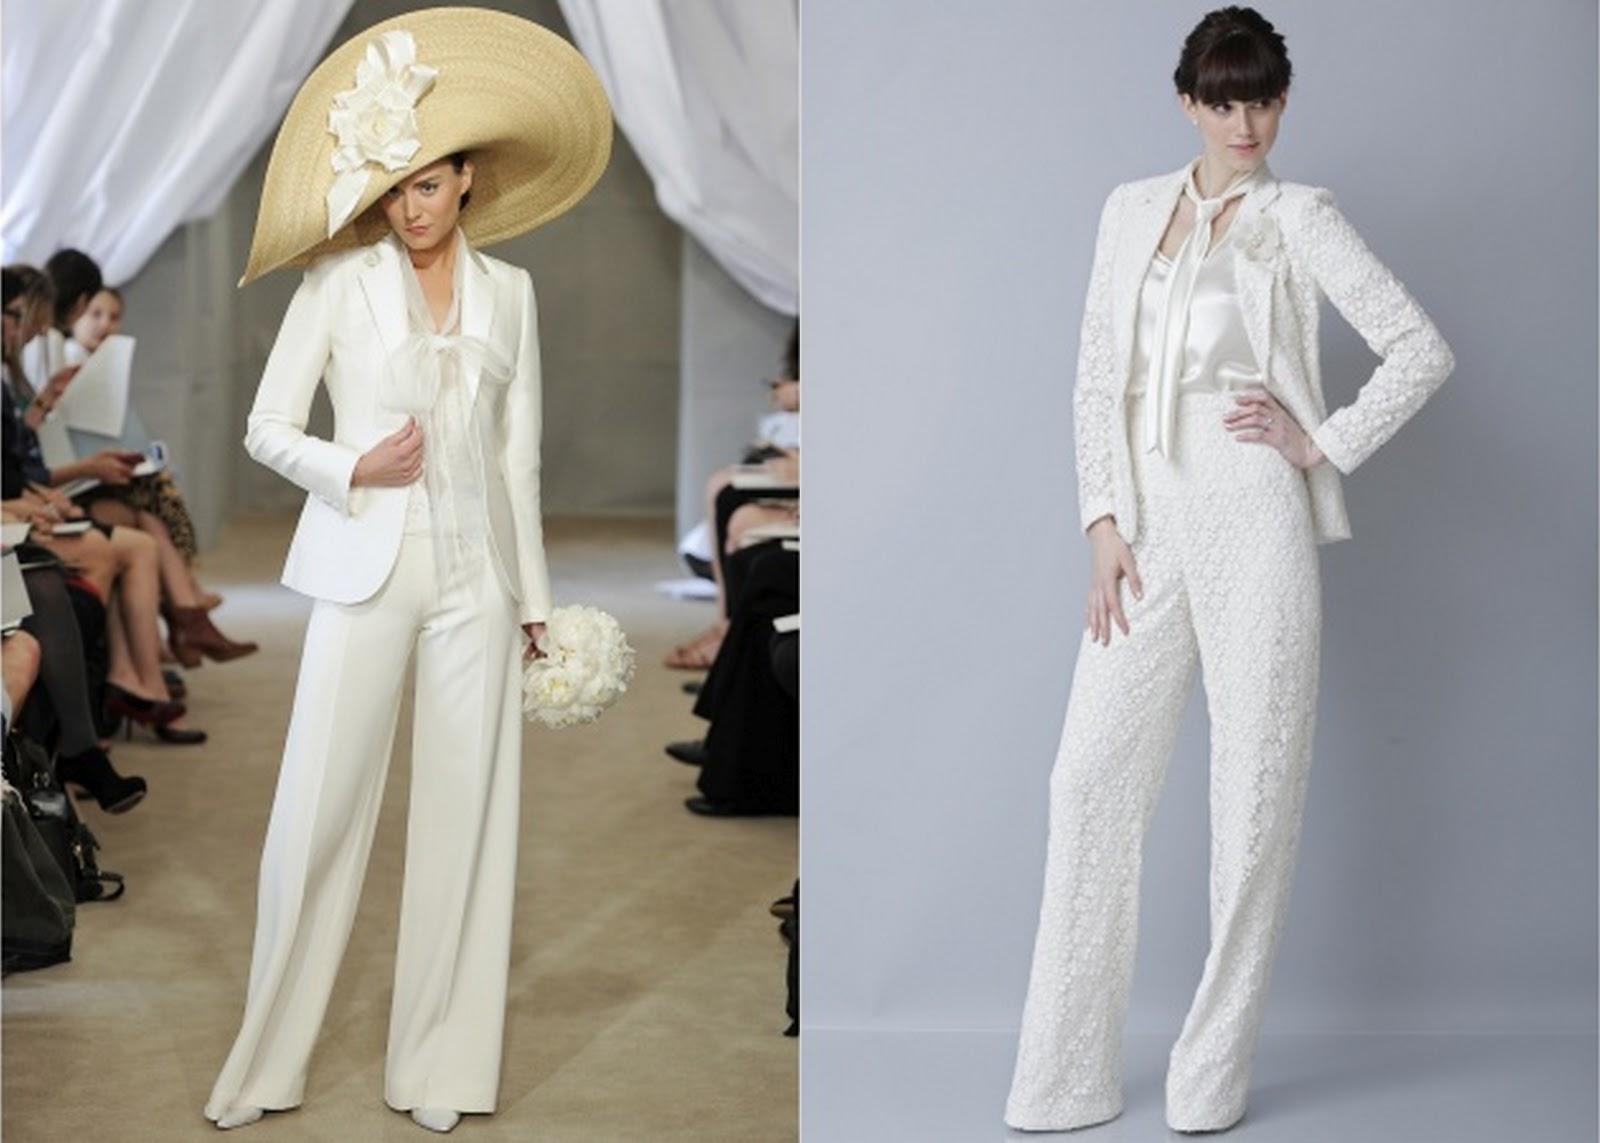 De Lovely Affair: Top 10 Wedding Dress Trends For 2013